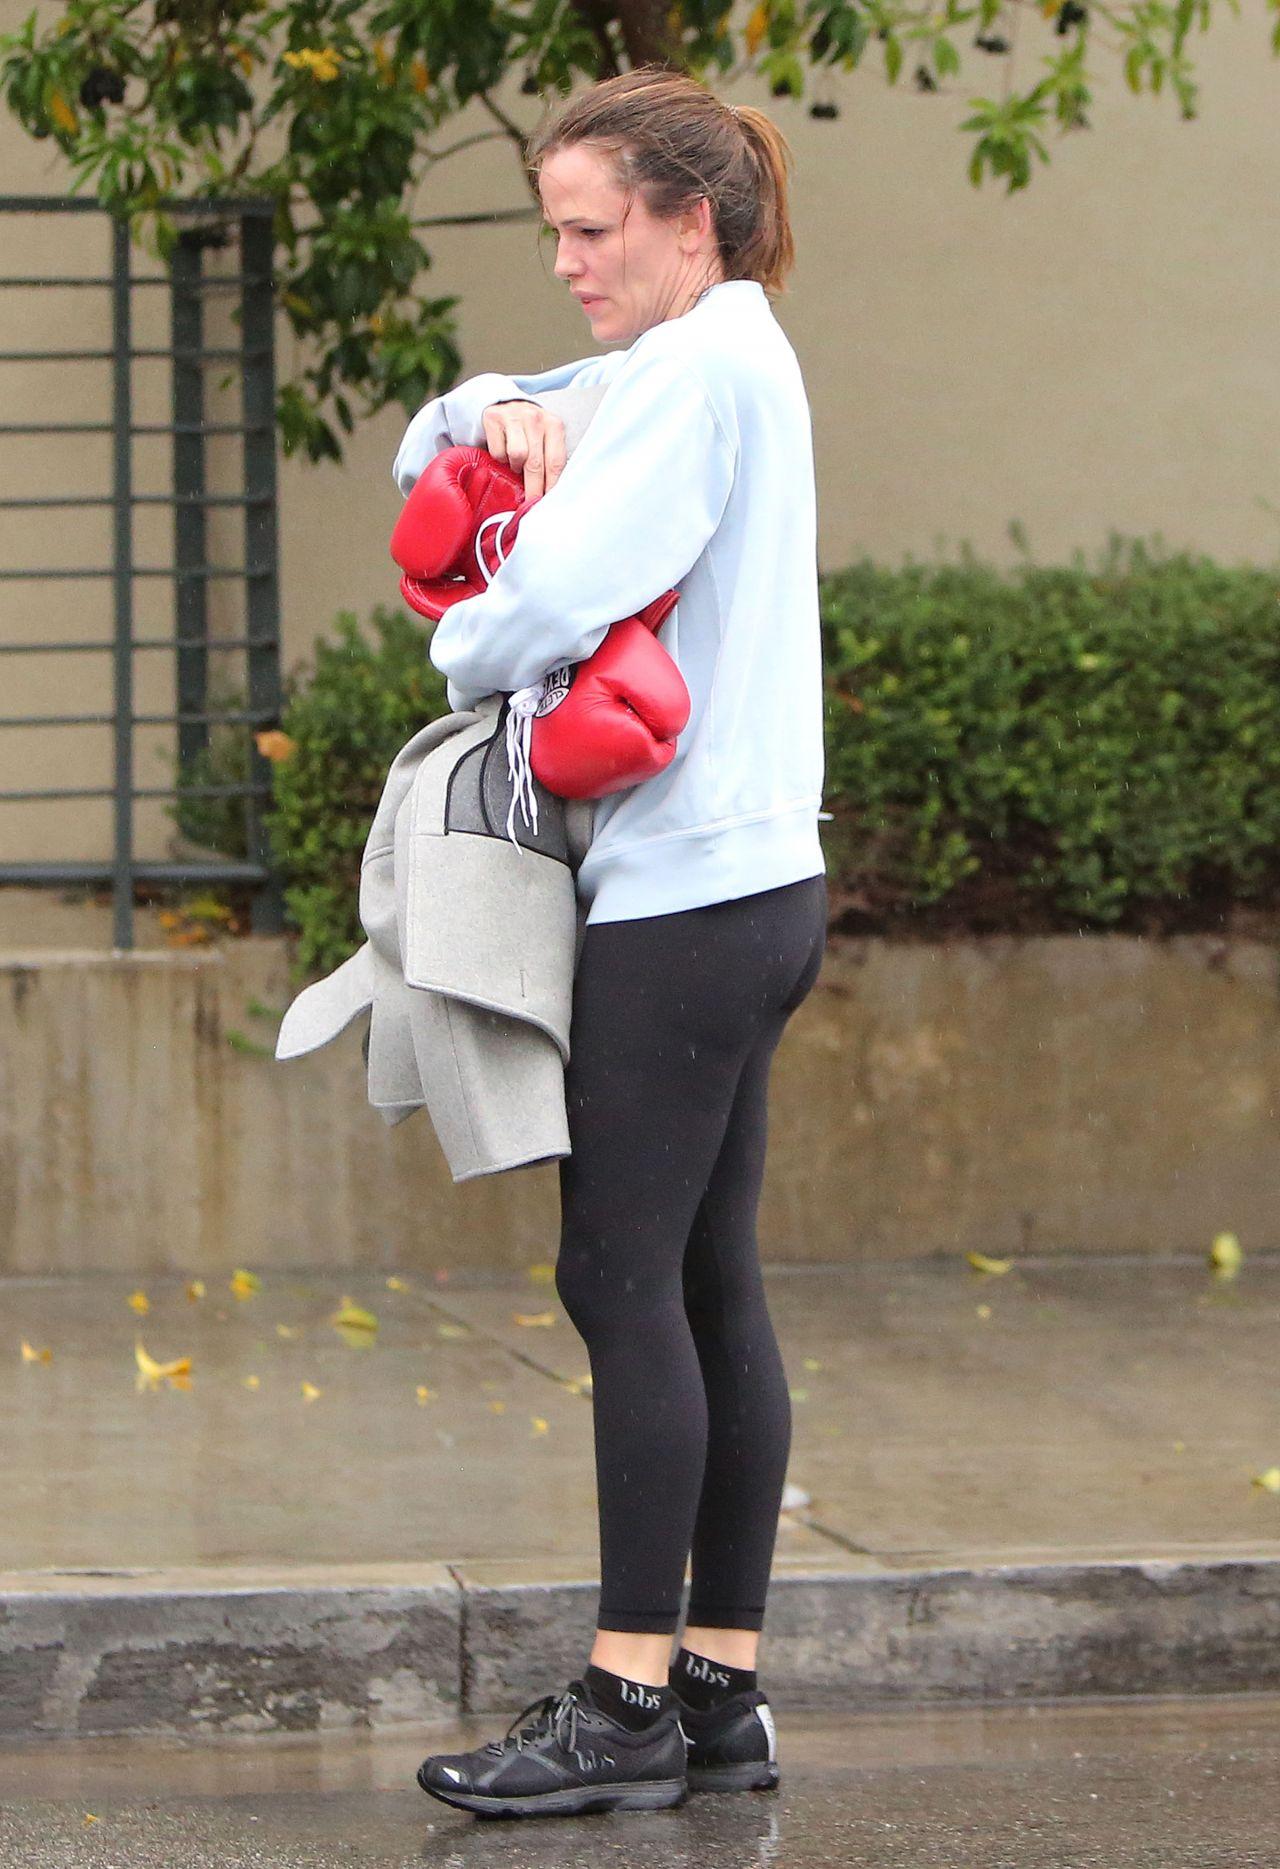 Jennifer Garner Leaving A Boxing Class In La 02 14 2019